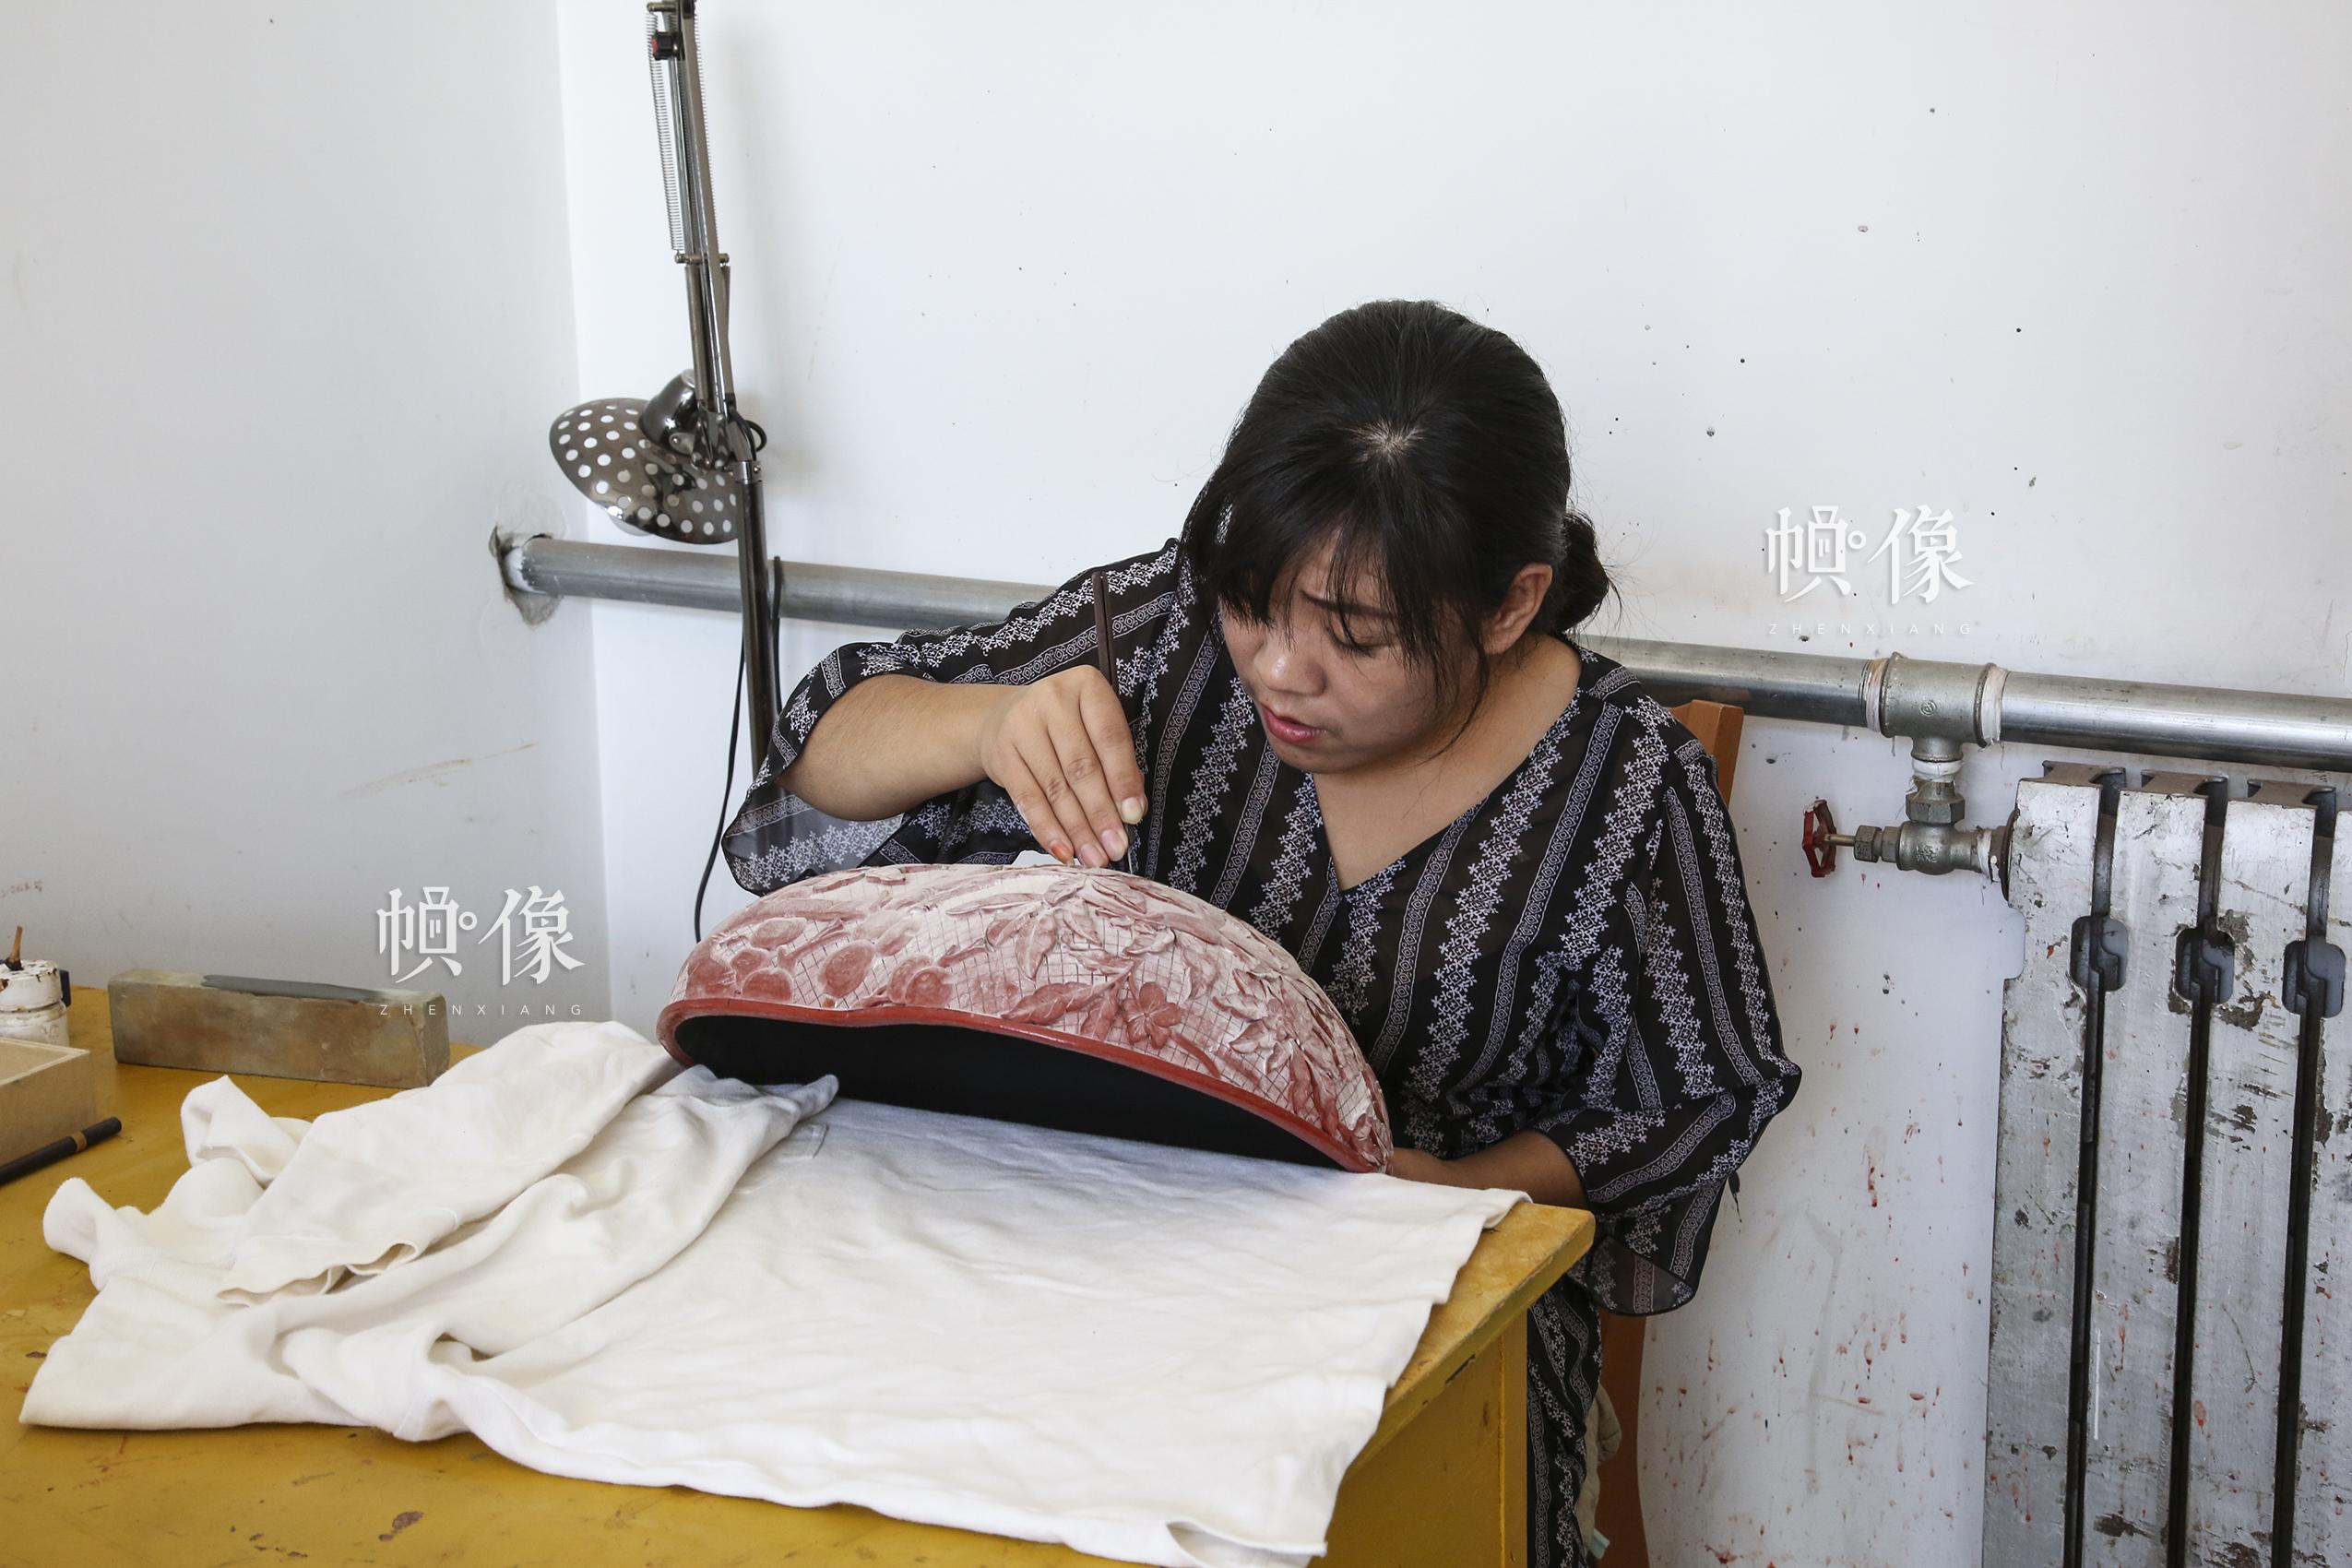 """2017年9月20日,""""明古斋""""雕漆工厂车间,雕漆工作者用木胎制作雕漆。中国网记者 黄富友 摄"""